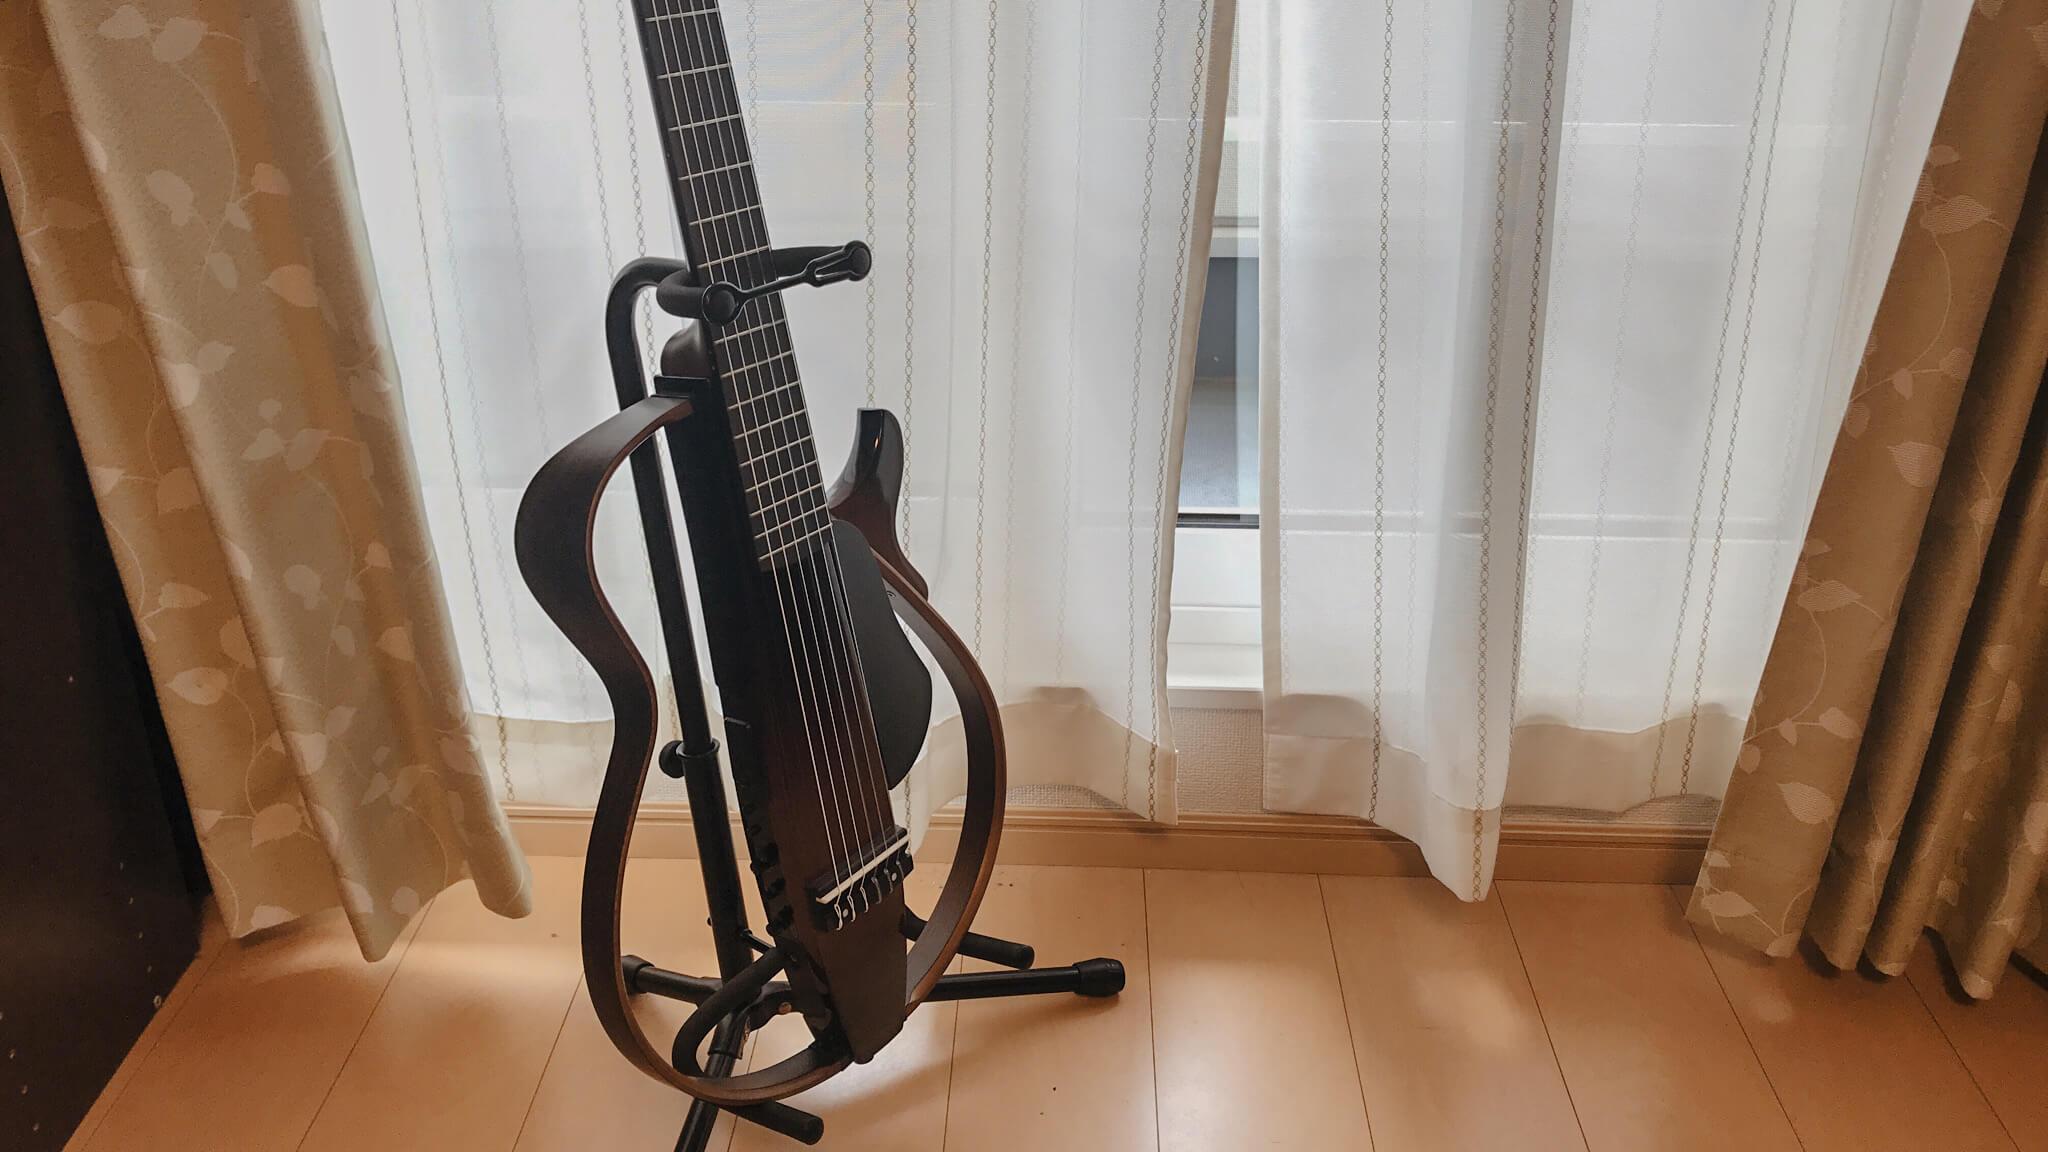 妻にヤマハの電子ギター『SLG200N』を買った話